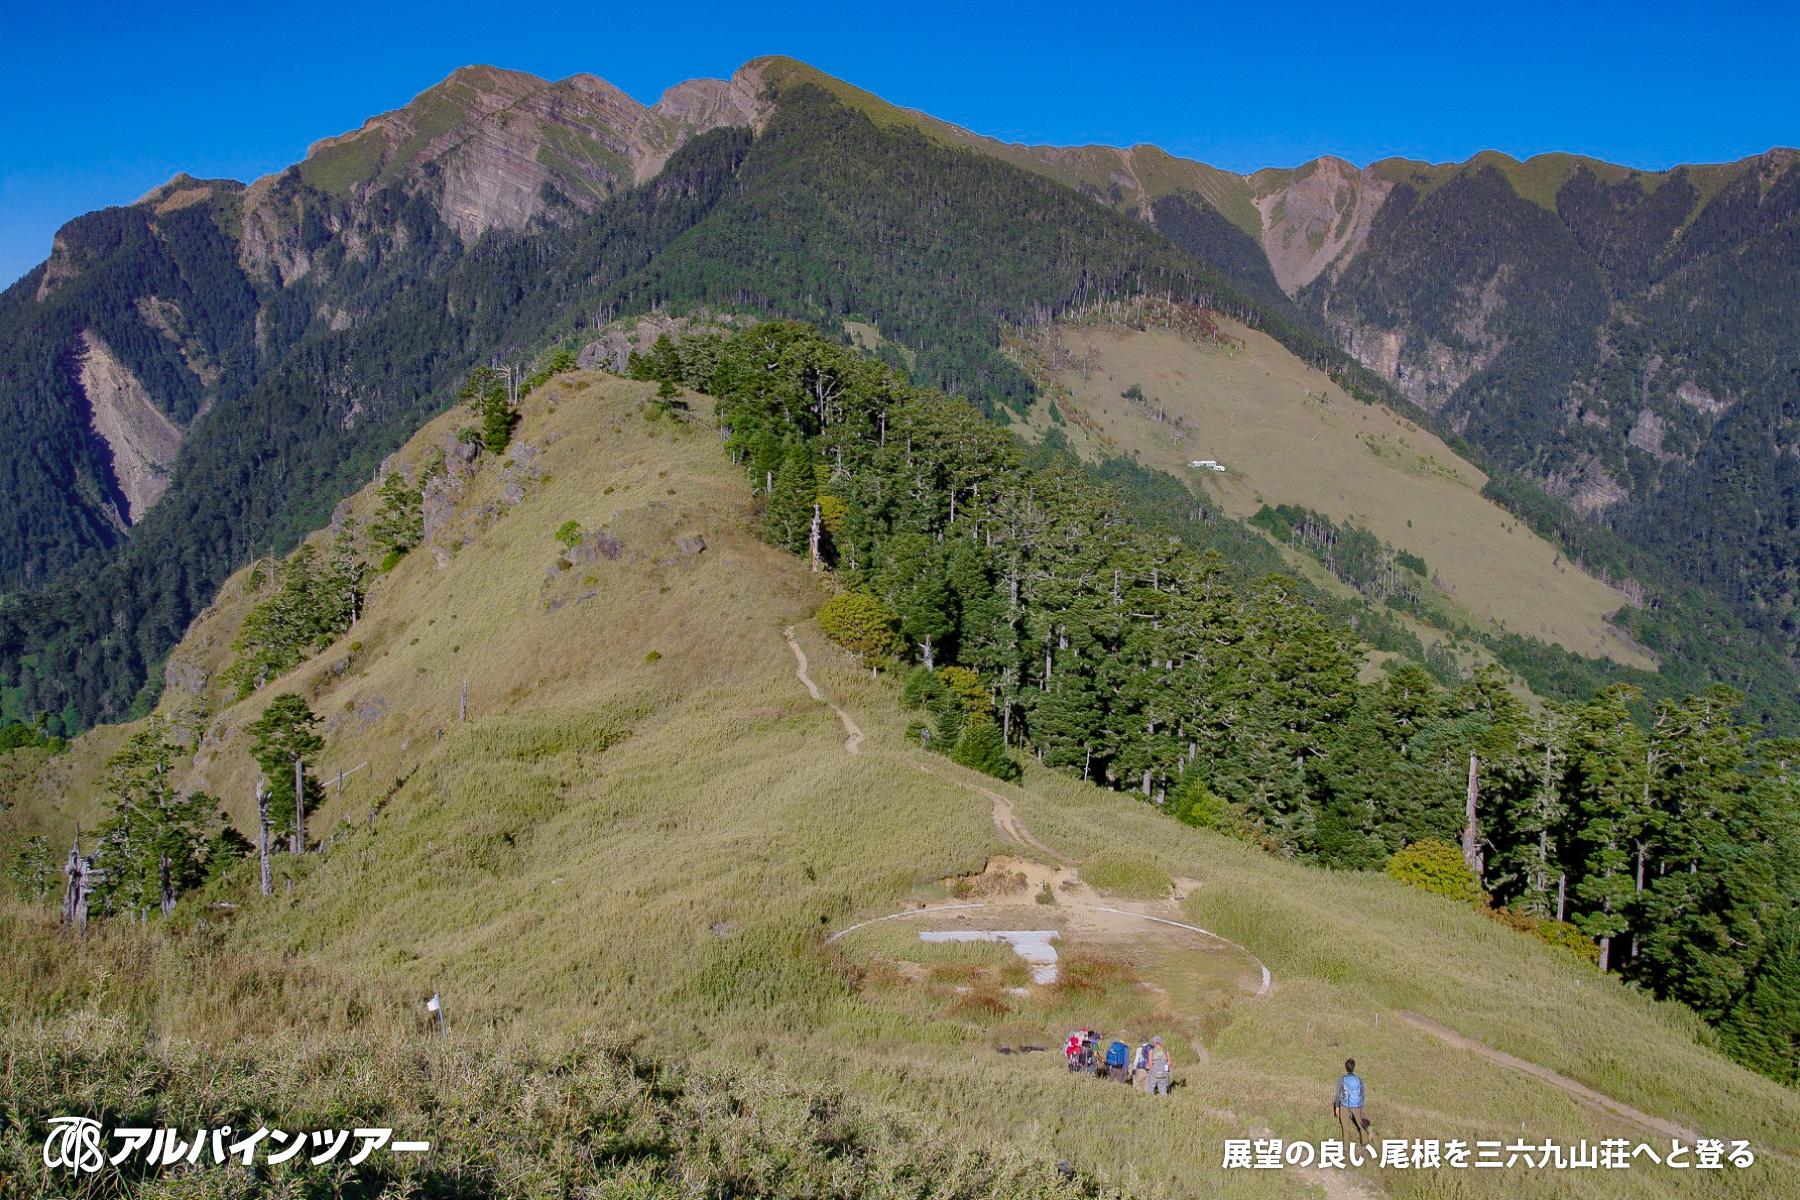 【エリア紹介】 台湾第二の高峰・雪山